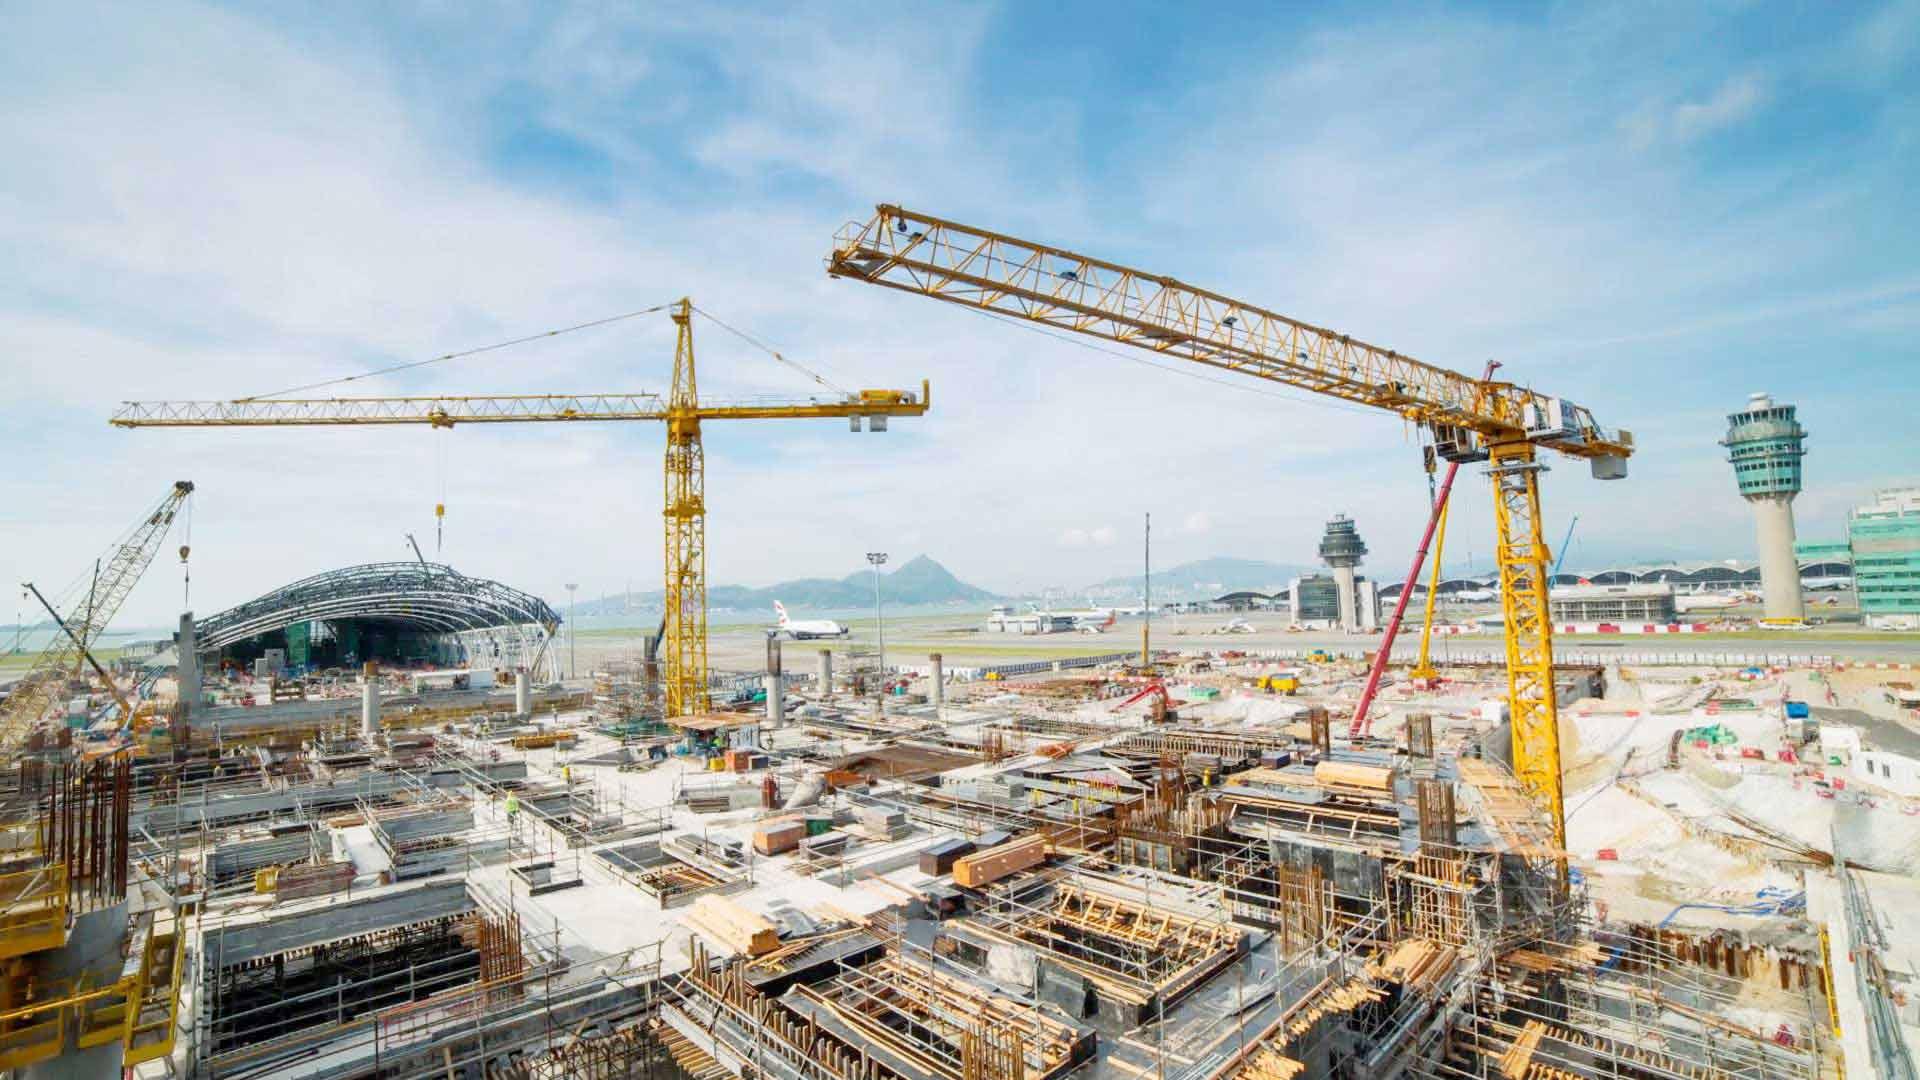 Construction IIoT solutions, Workforce Management, Asset Management, Productivity Management